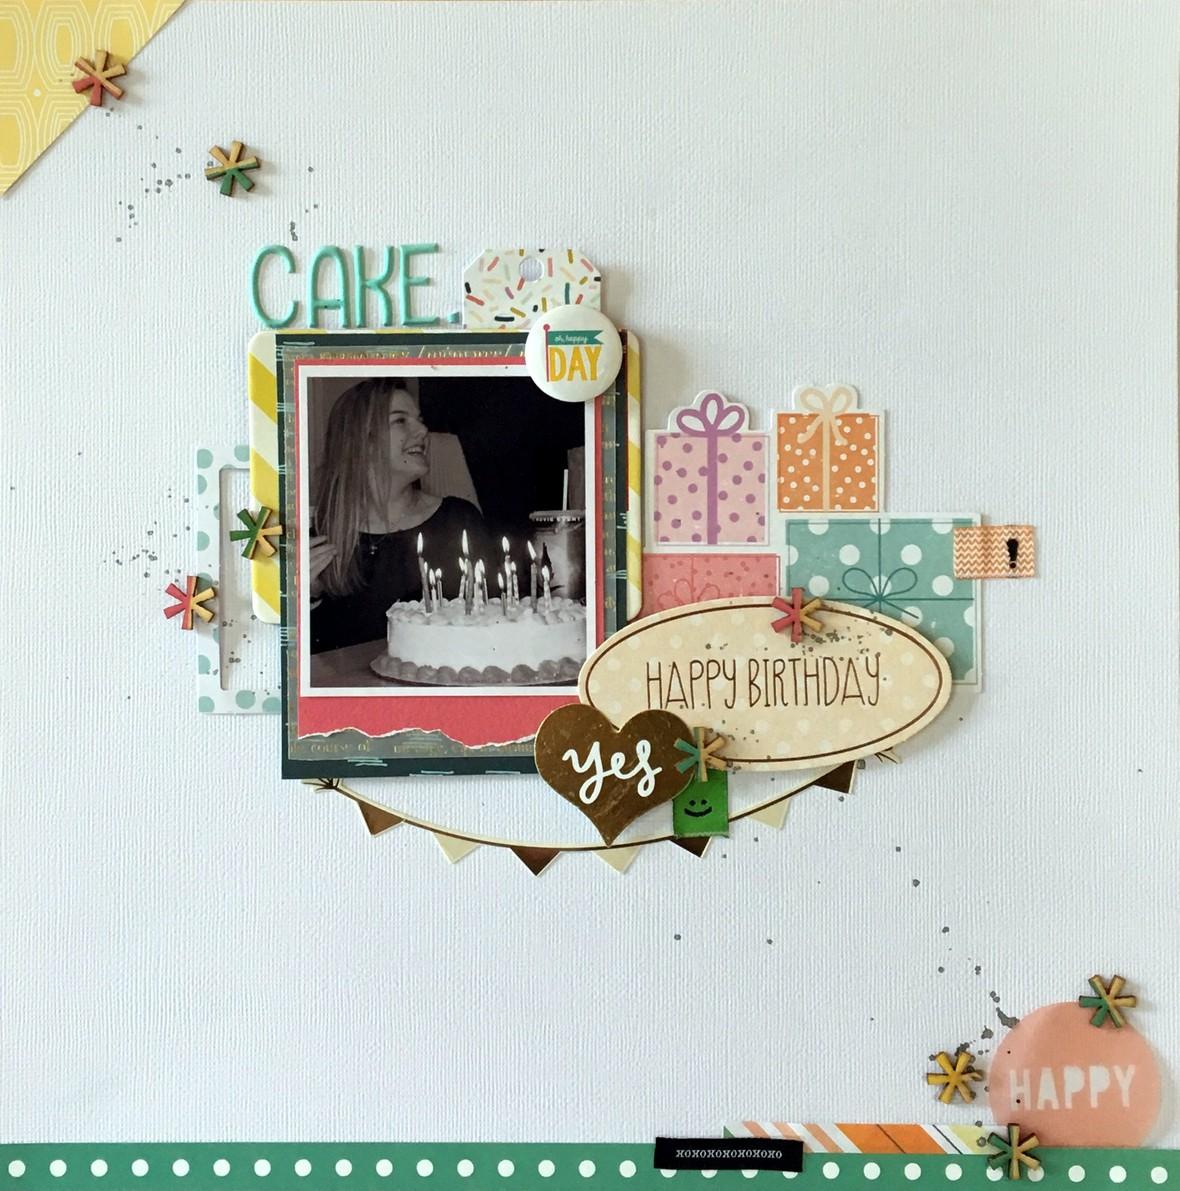 Cake 813 original